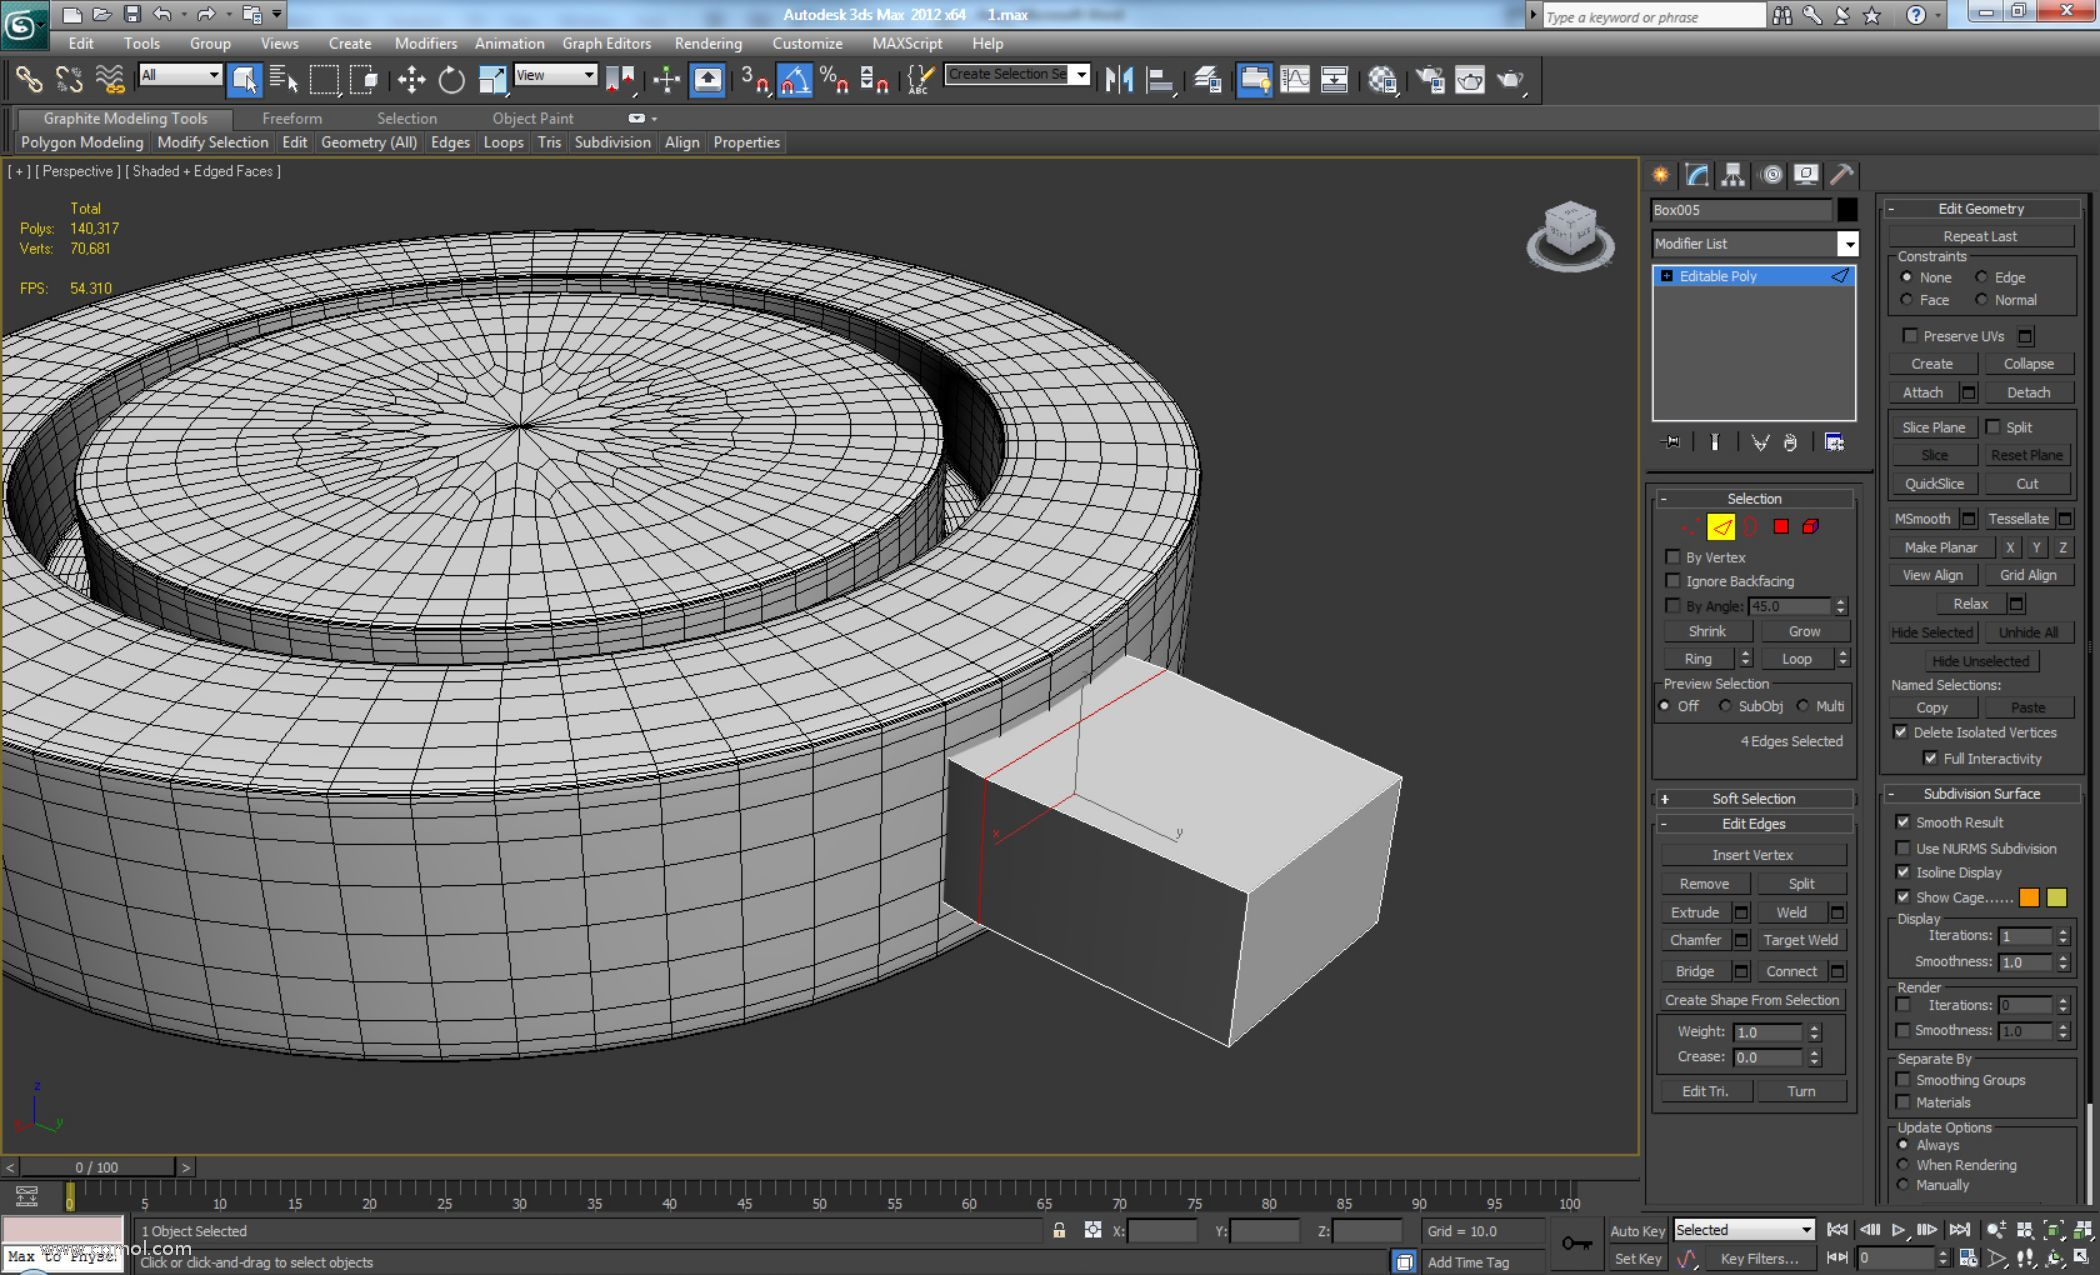 添加Turbosmooth,迭代次数设置为2并创建一个新Box。将该框转换为可编辑多边形并添加一个新循环